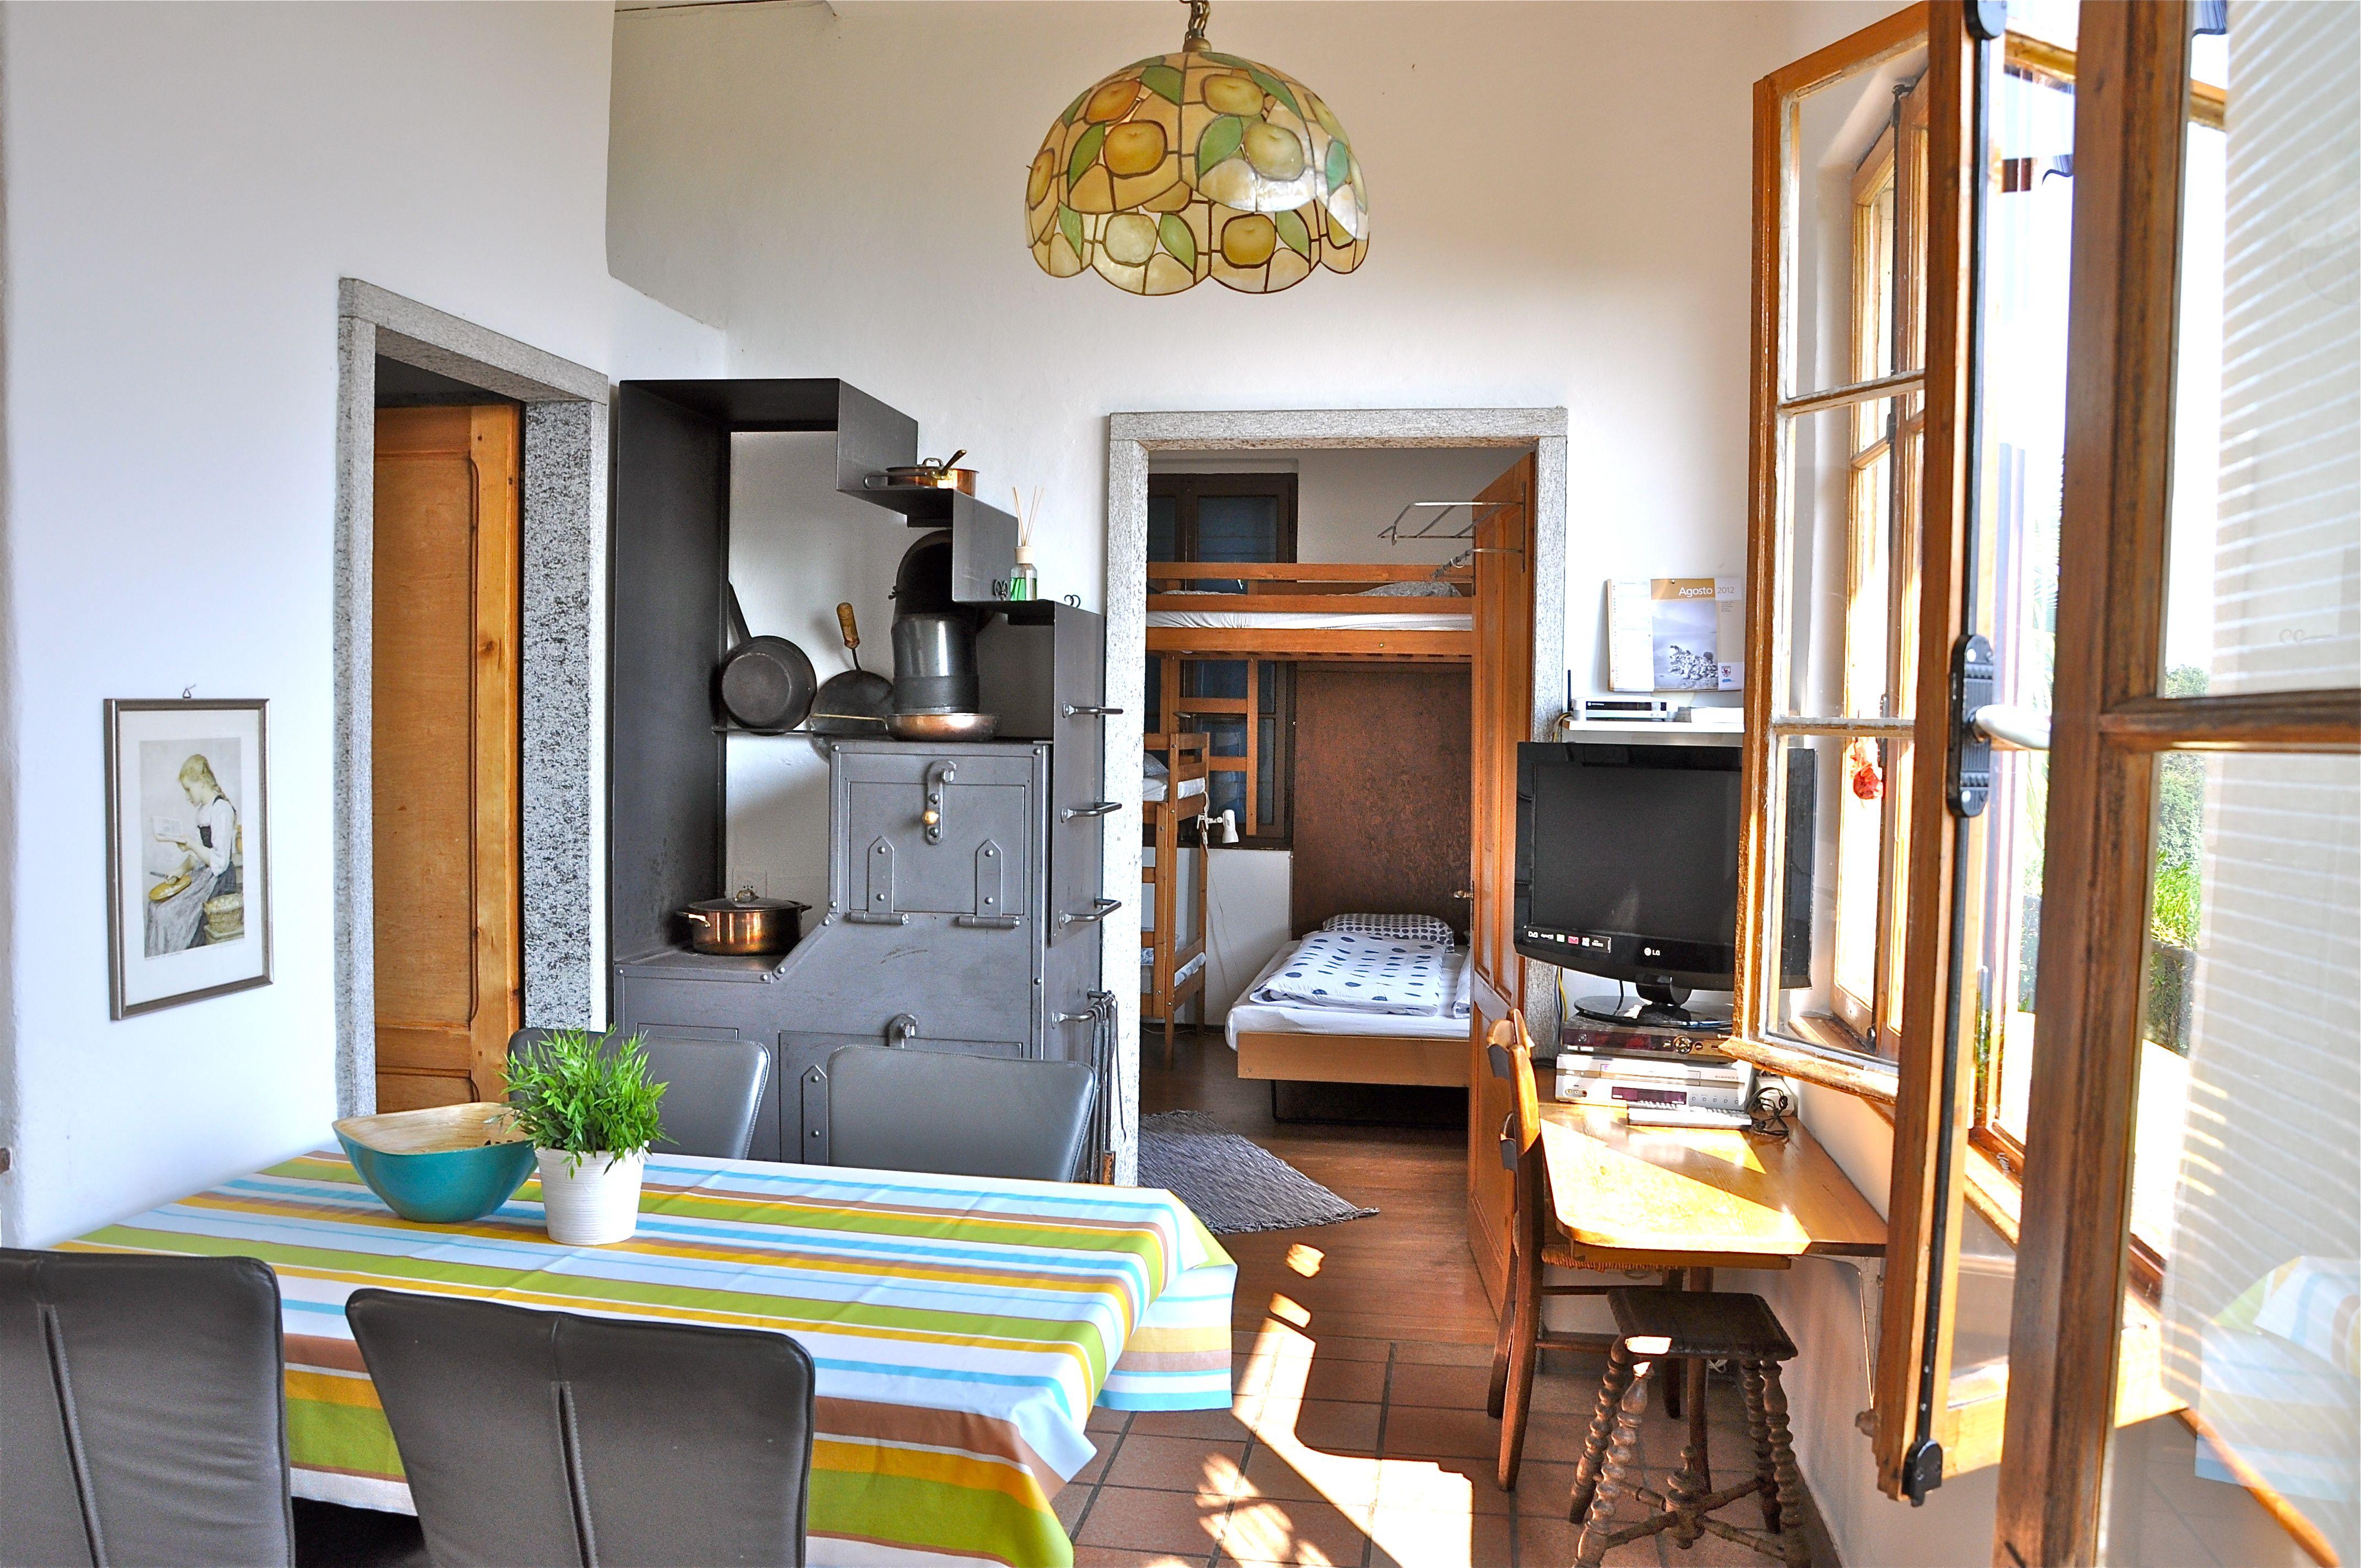 ferienwohnung tessin mit hund ferienhaus tessin mit hund. Black Bedroom Furniture Sets. Home Design Ideas